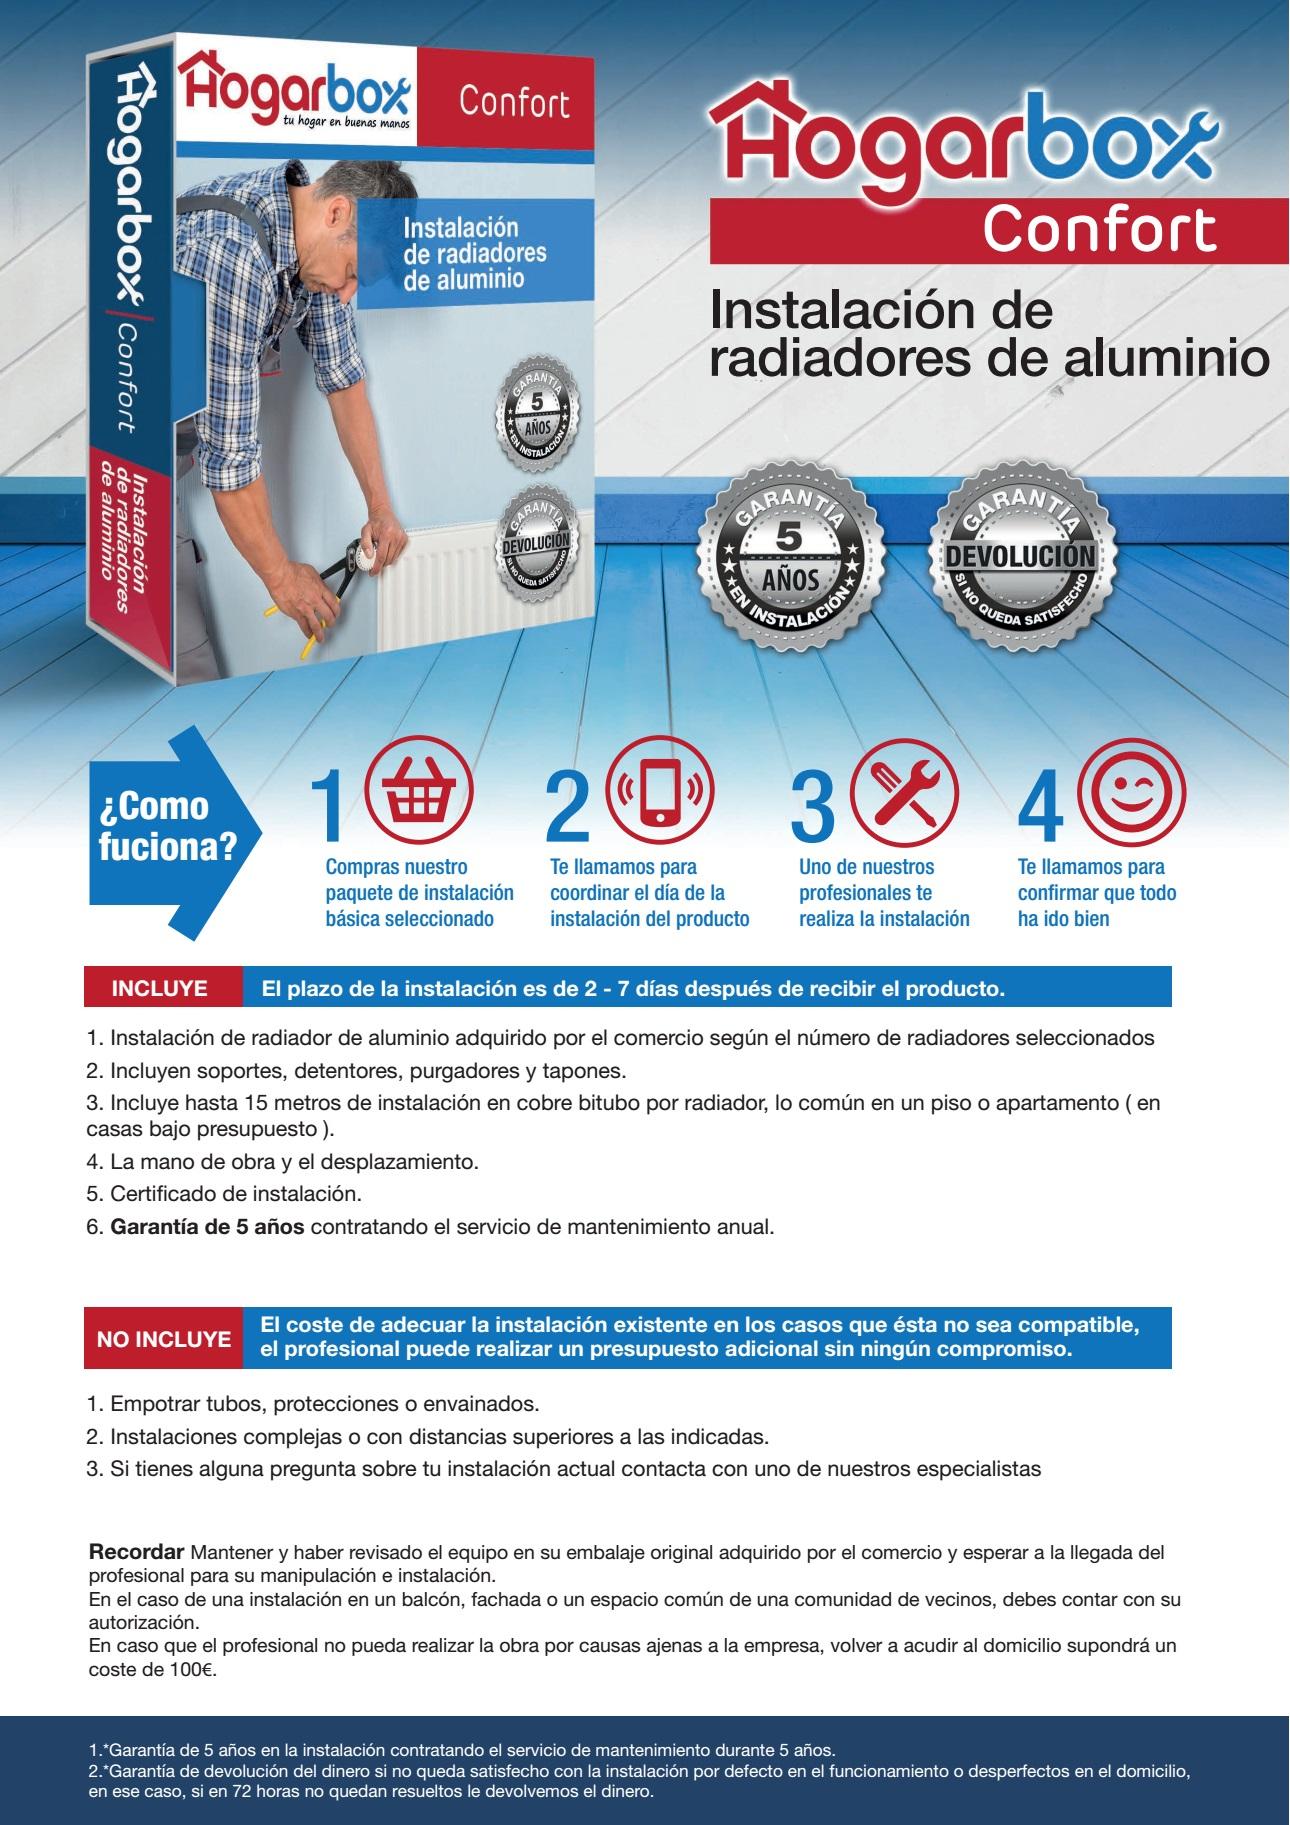 Hogarbox confort precio instalaci n radiadores for Precio instalacion calefaccion gasoil